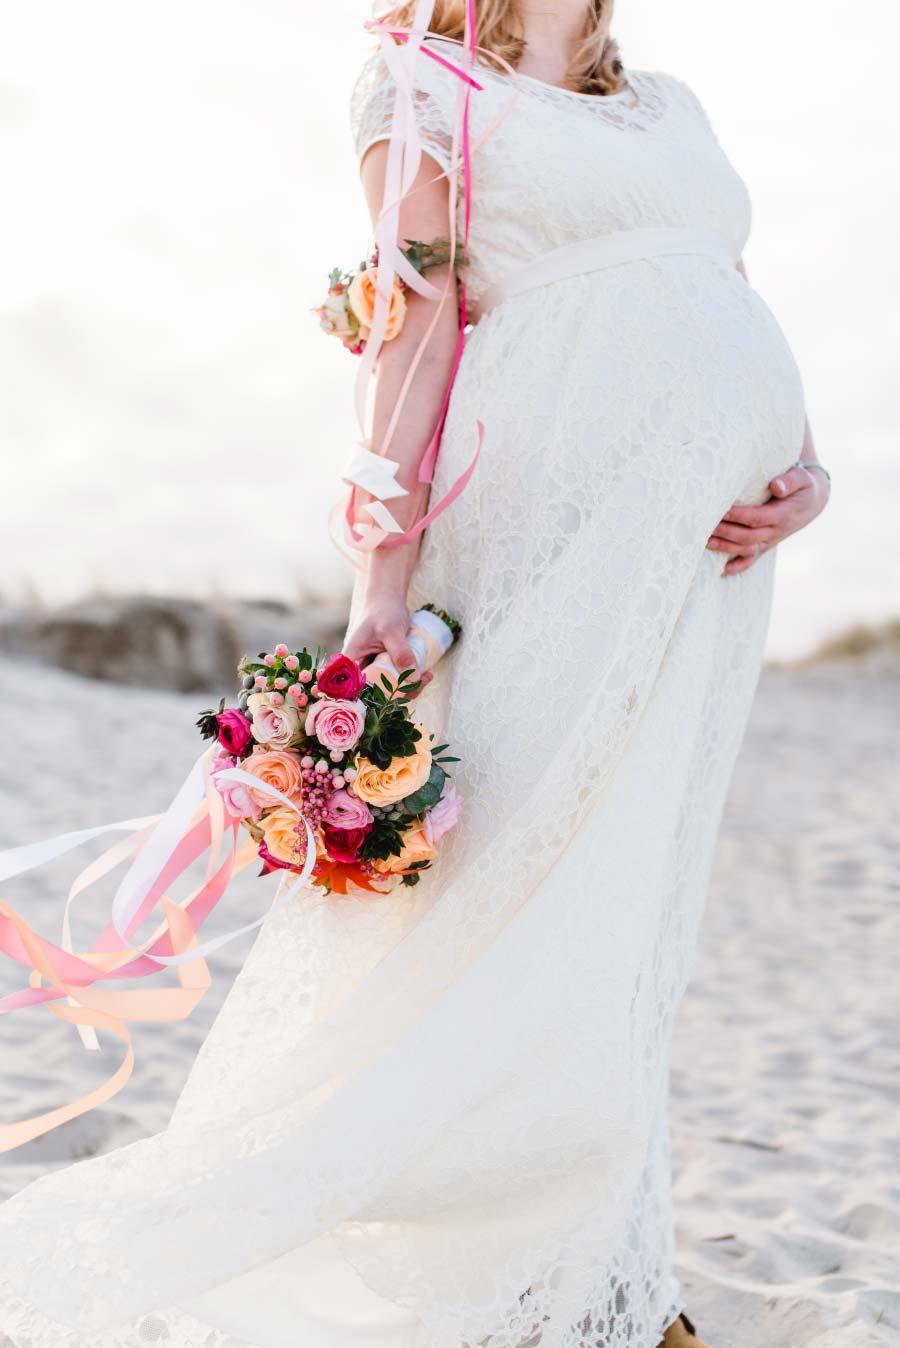 Babybauch-Hochzeit-Brautkleid-Nordsee-Sandra-Huetzen-27